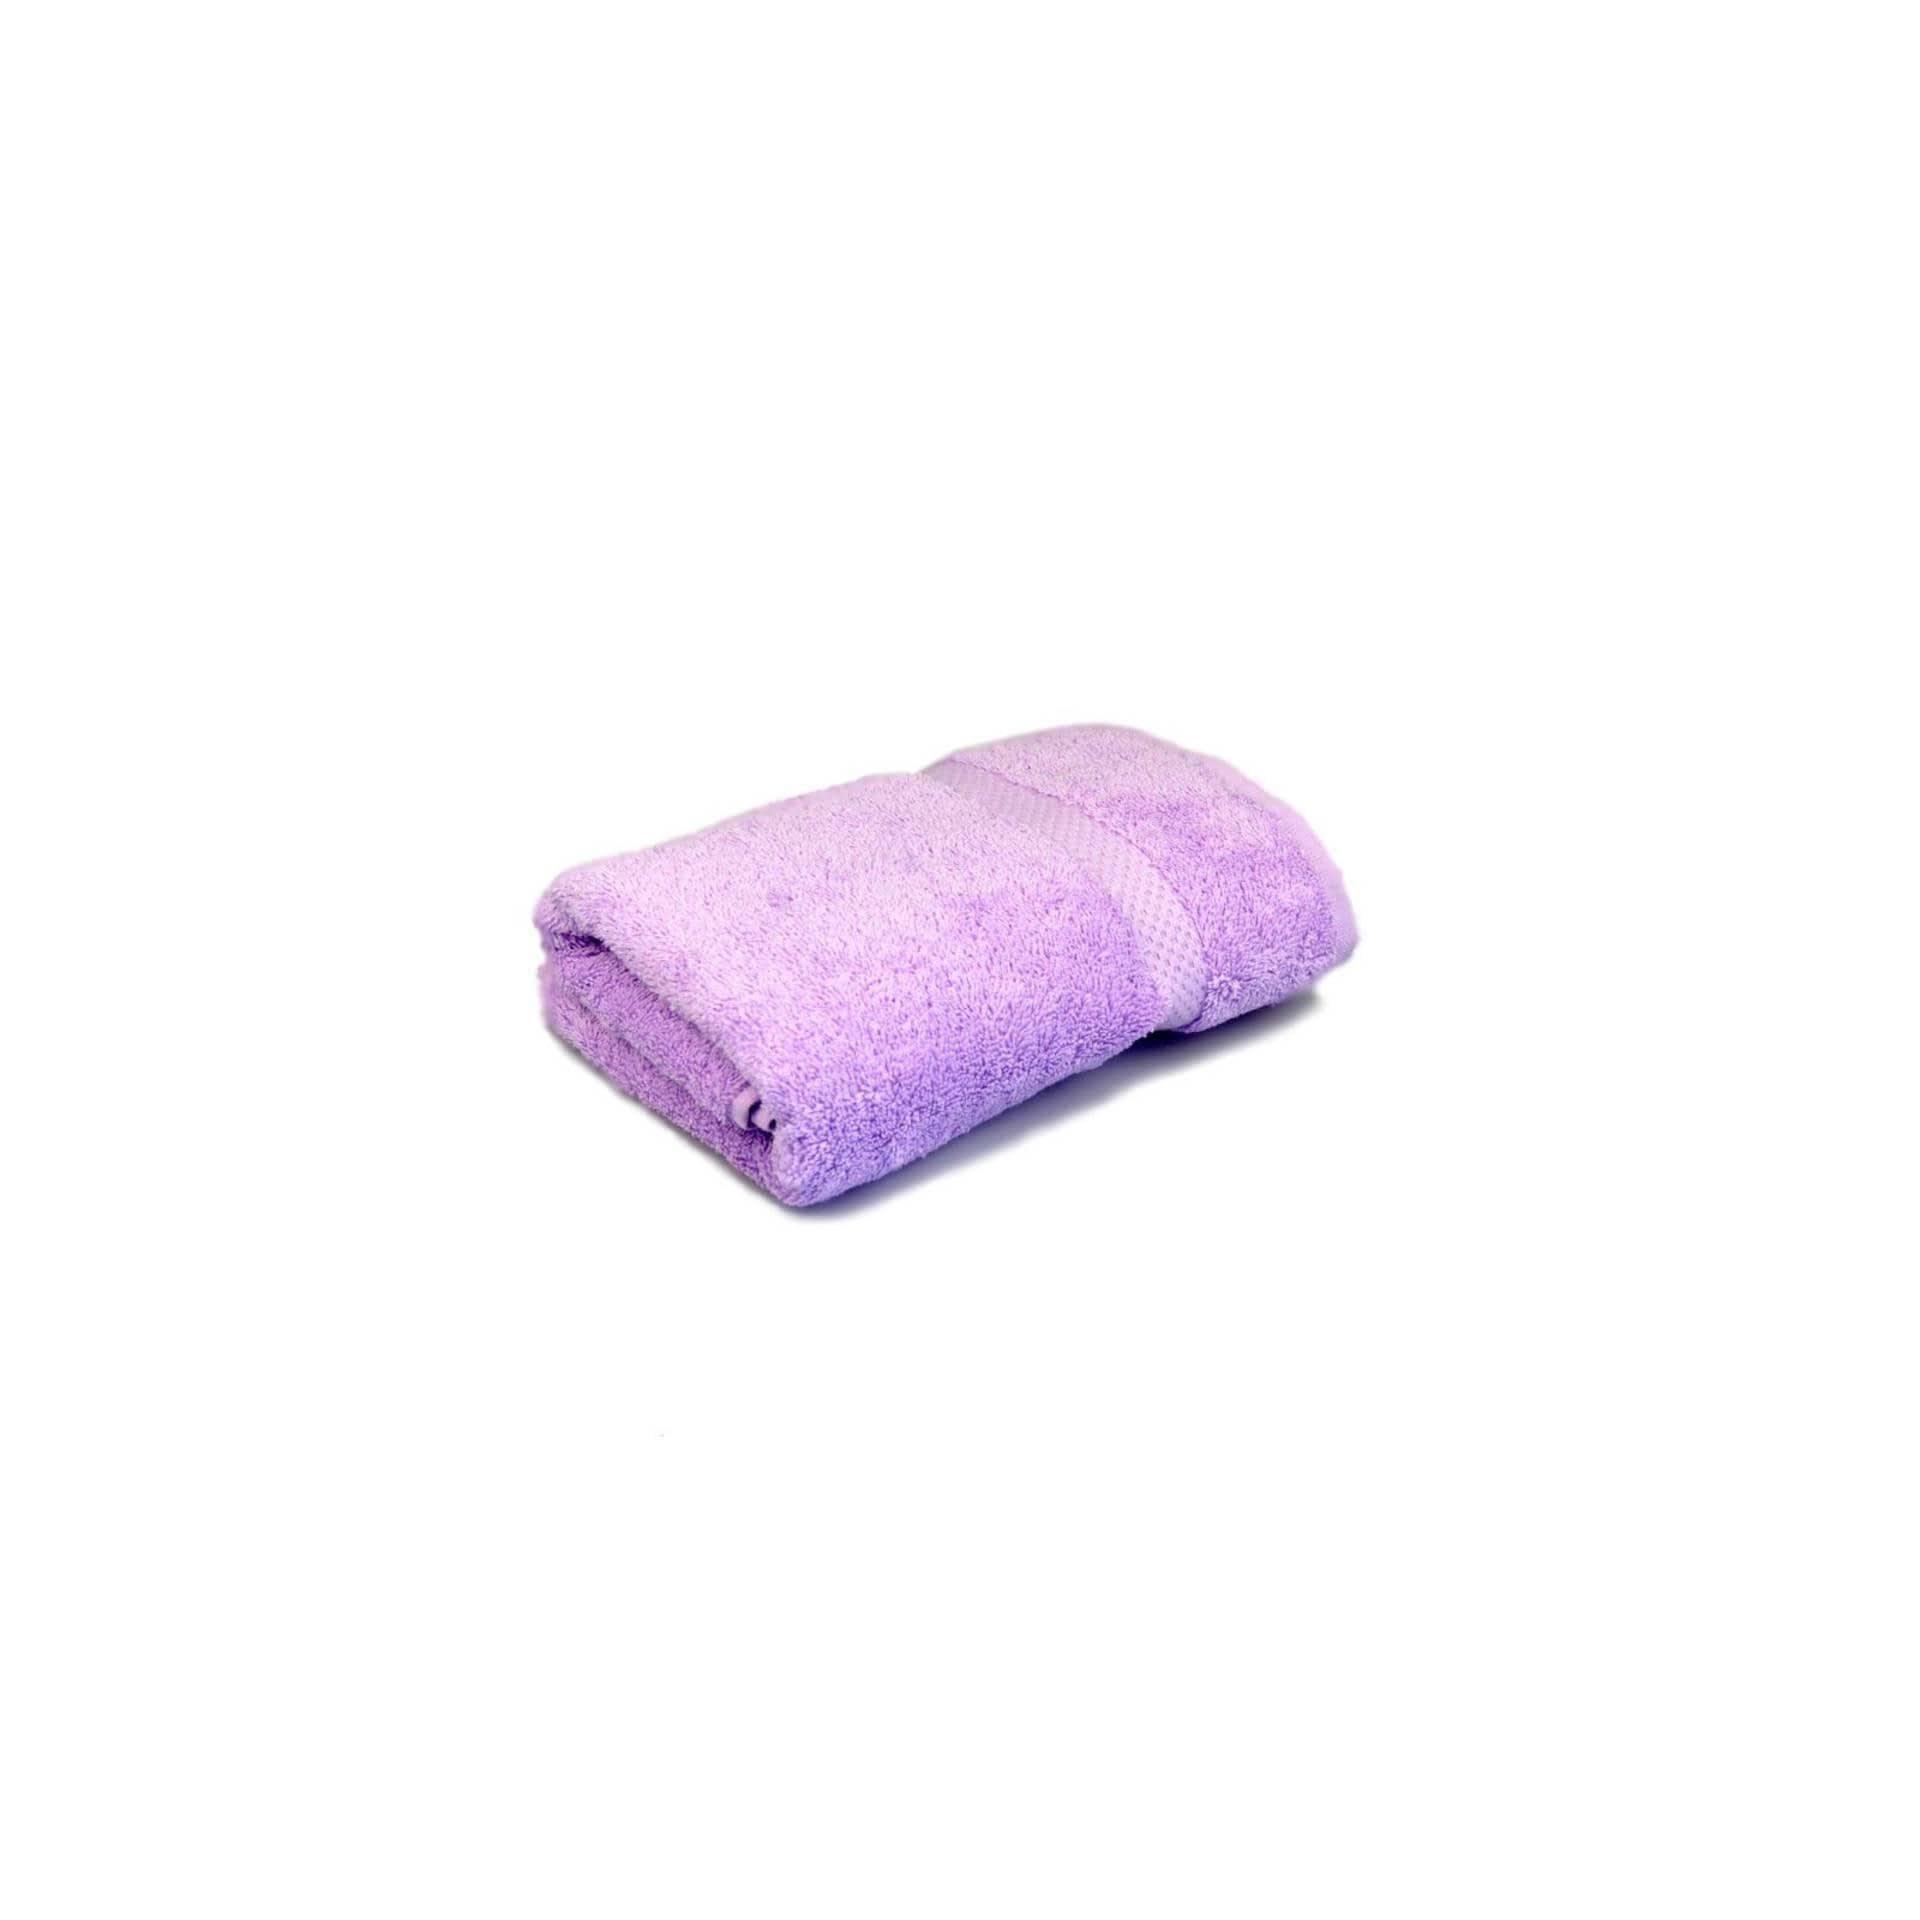 Тканини махрові рушники - Рушник махровий ліловий 40х70 см